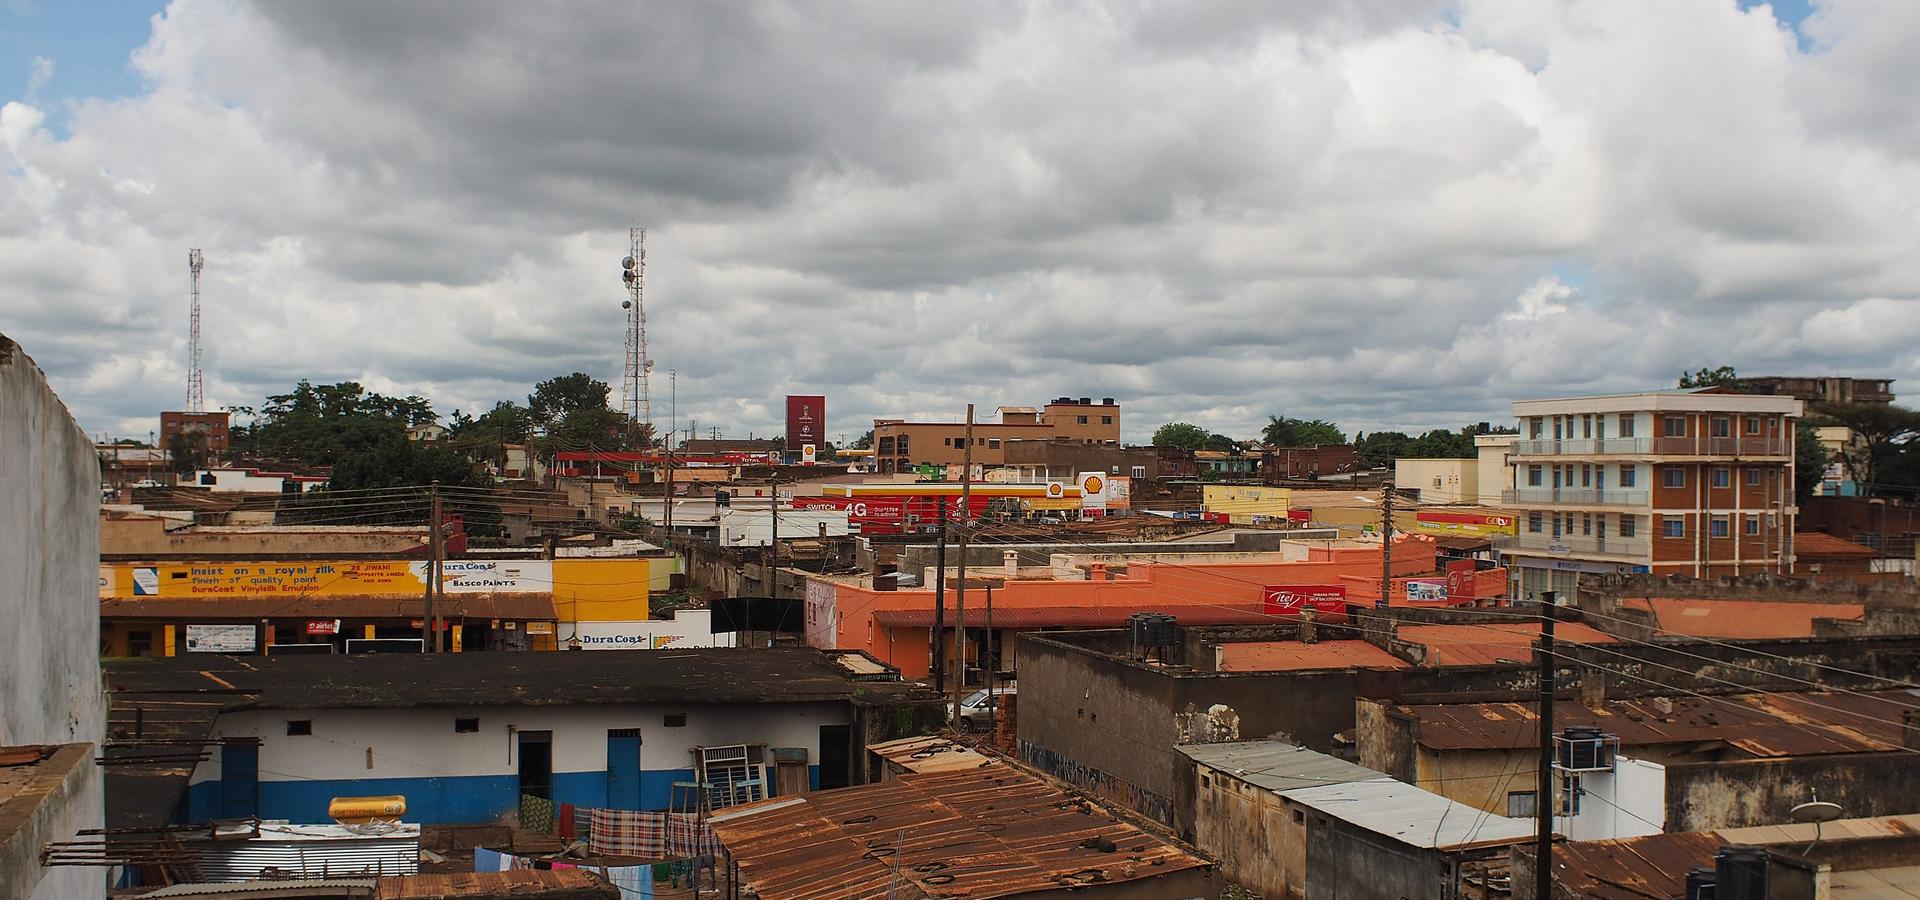 Peer-to-peer advisory in Gulu, The Northern Region, Uganda